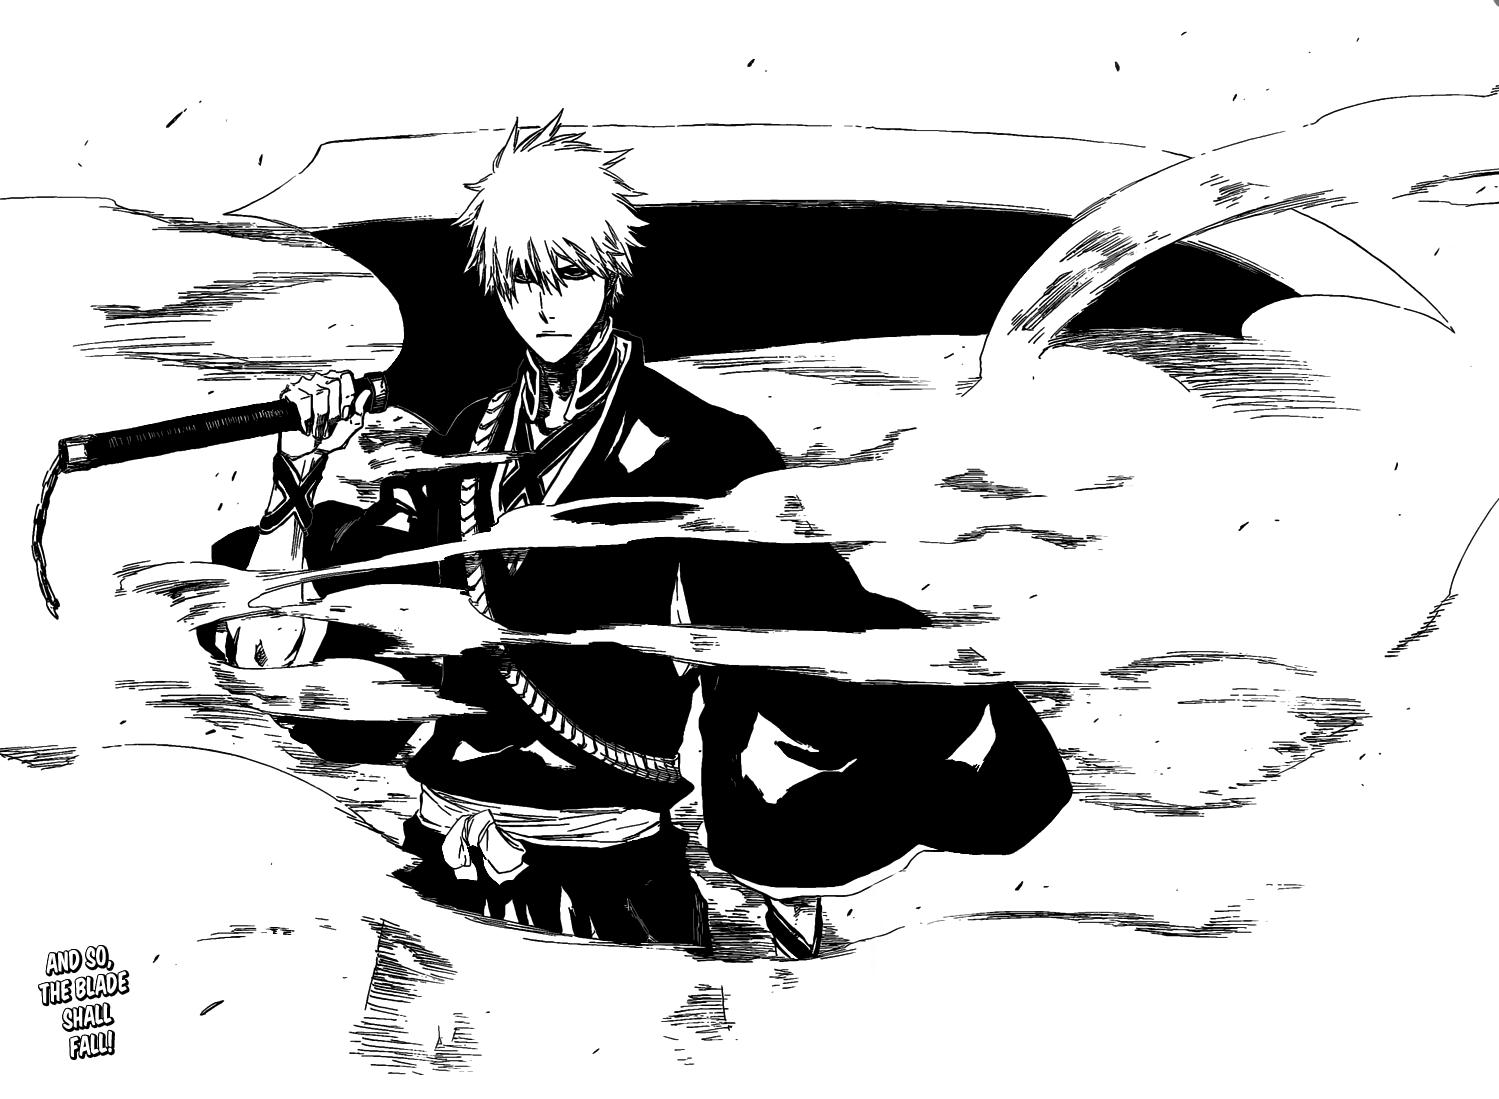 Pin By Rudolph Strydom On Anime Bleach Anime Bleach Fanart Bleach Manga